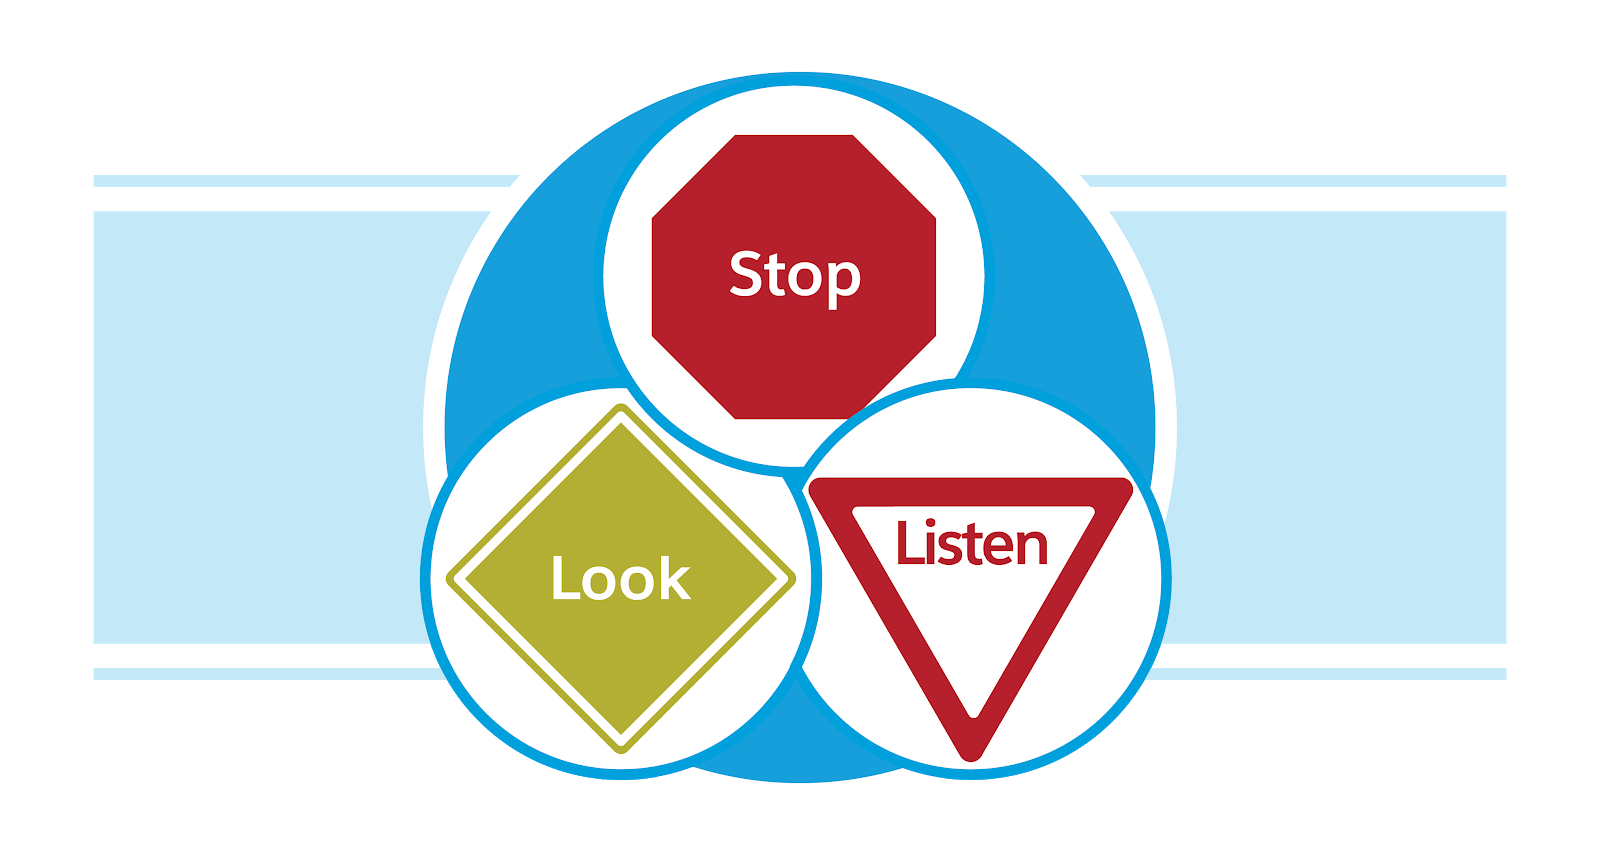 Un panneau qui indique «Arrêtez-vous», un panneau qui indique «Regardez» et un panneau qui indique «Écoutez»